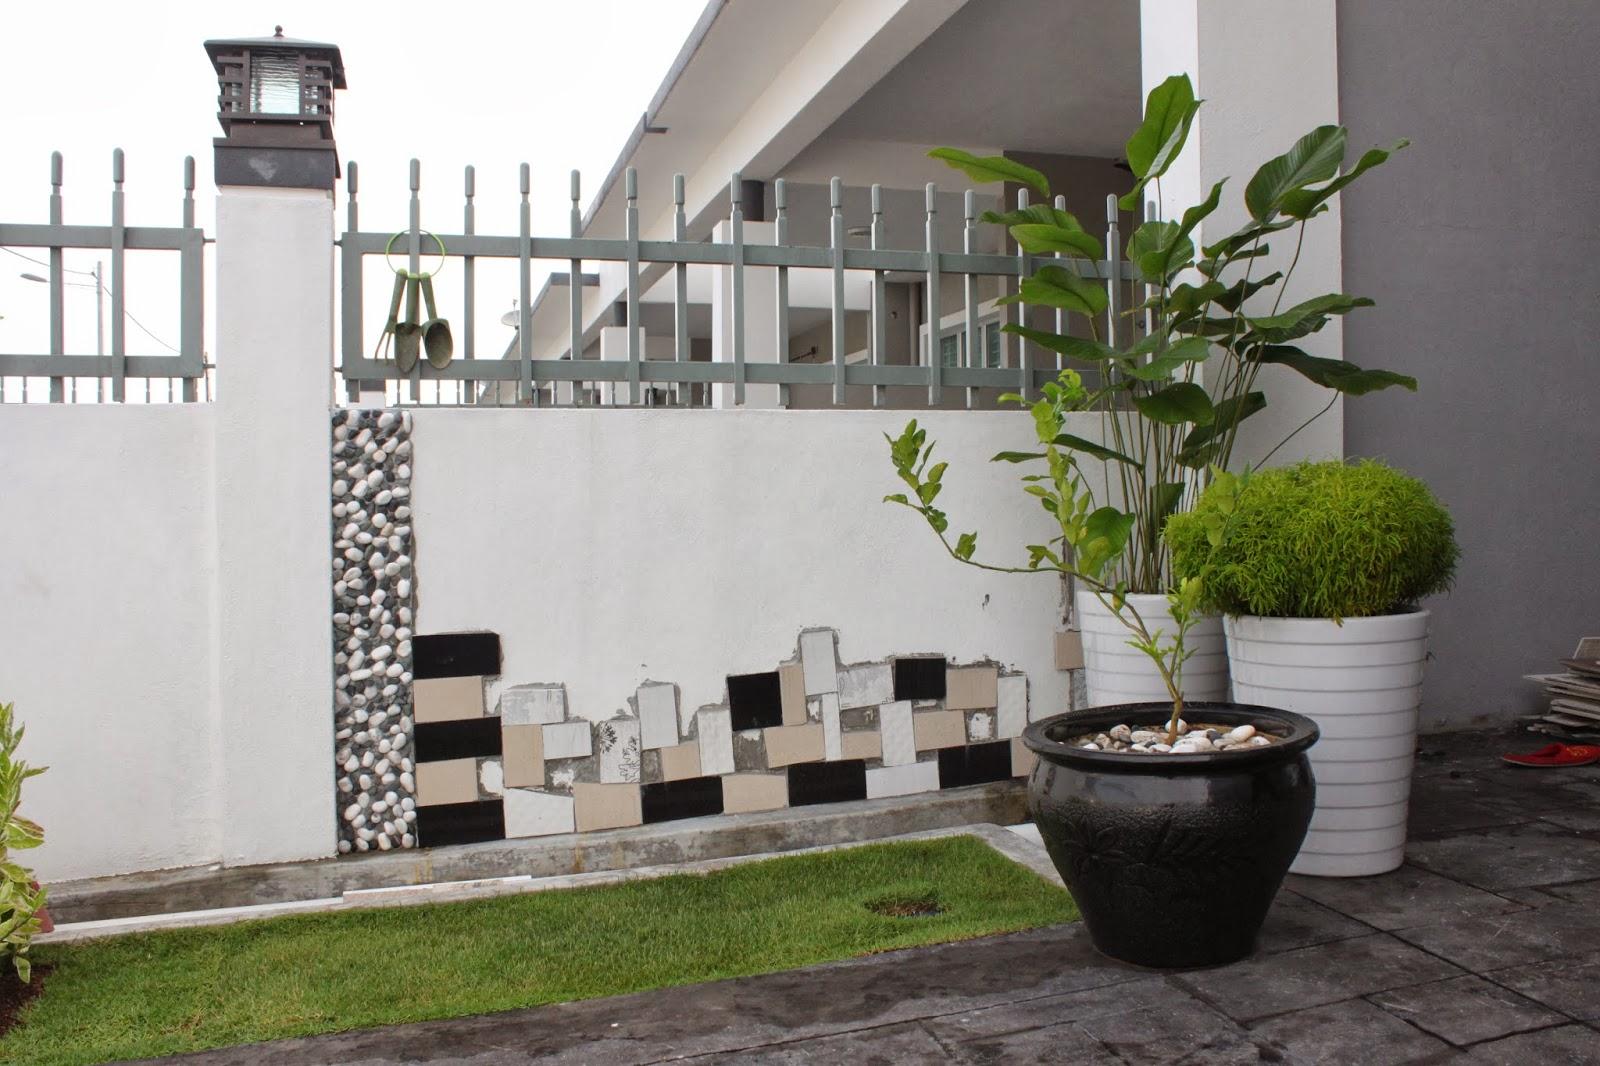 Hiasan Luar Rumah Teres Desainrumahid com